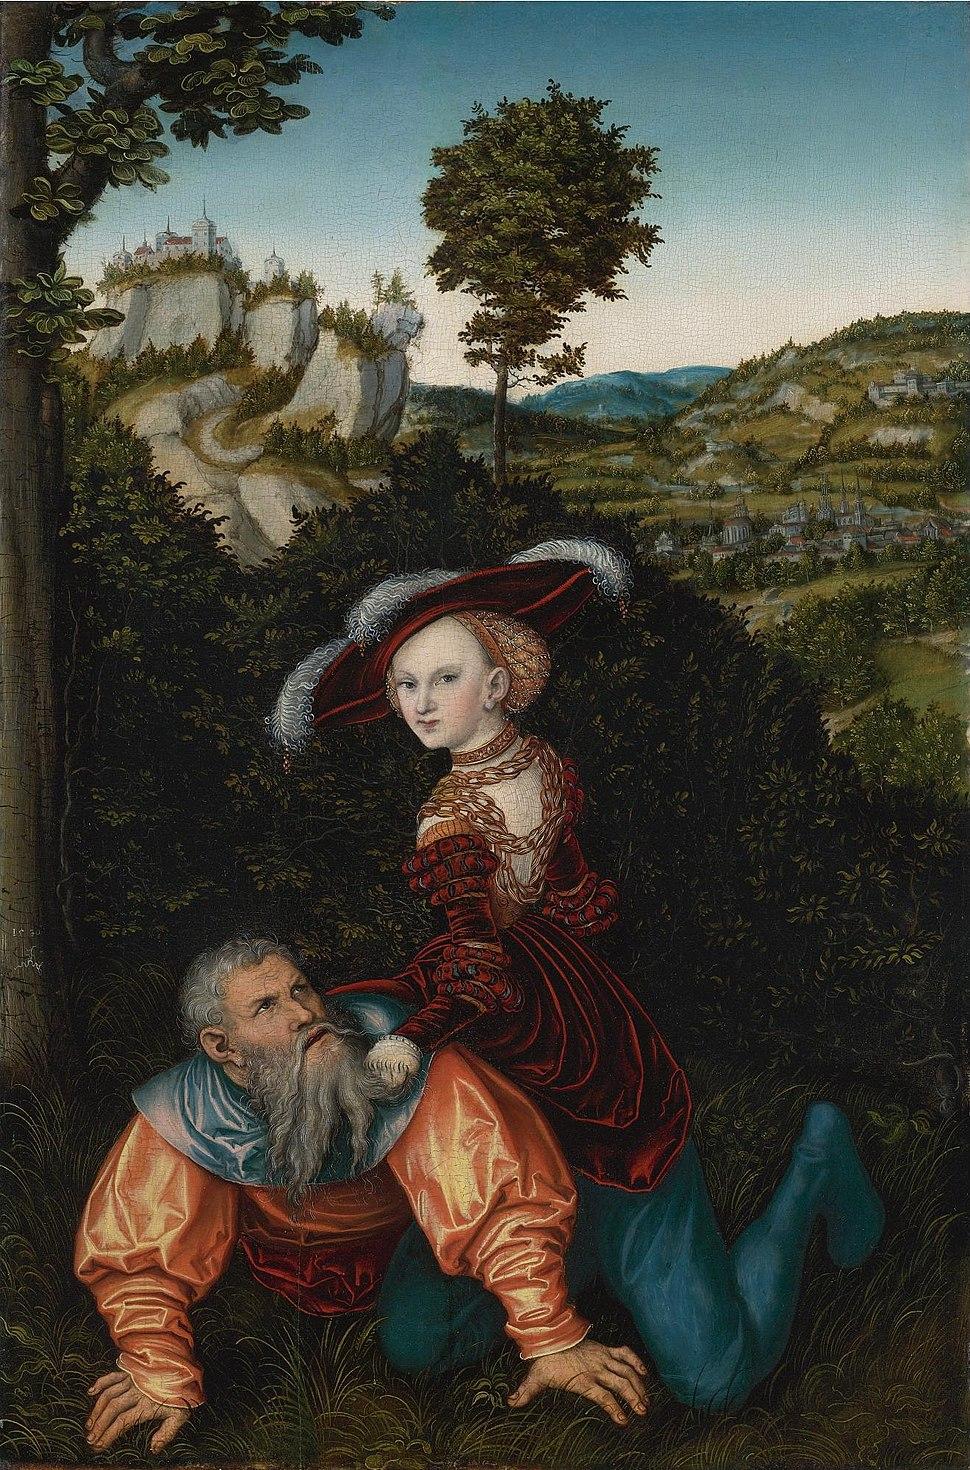 Lucas Cranach d.%C3%84. - Phyllis und Aristotle (1530).jpg